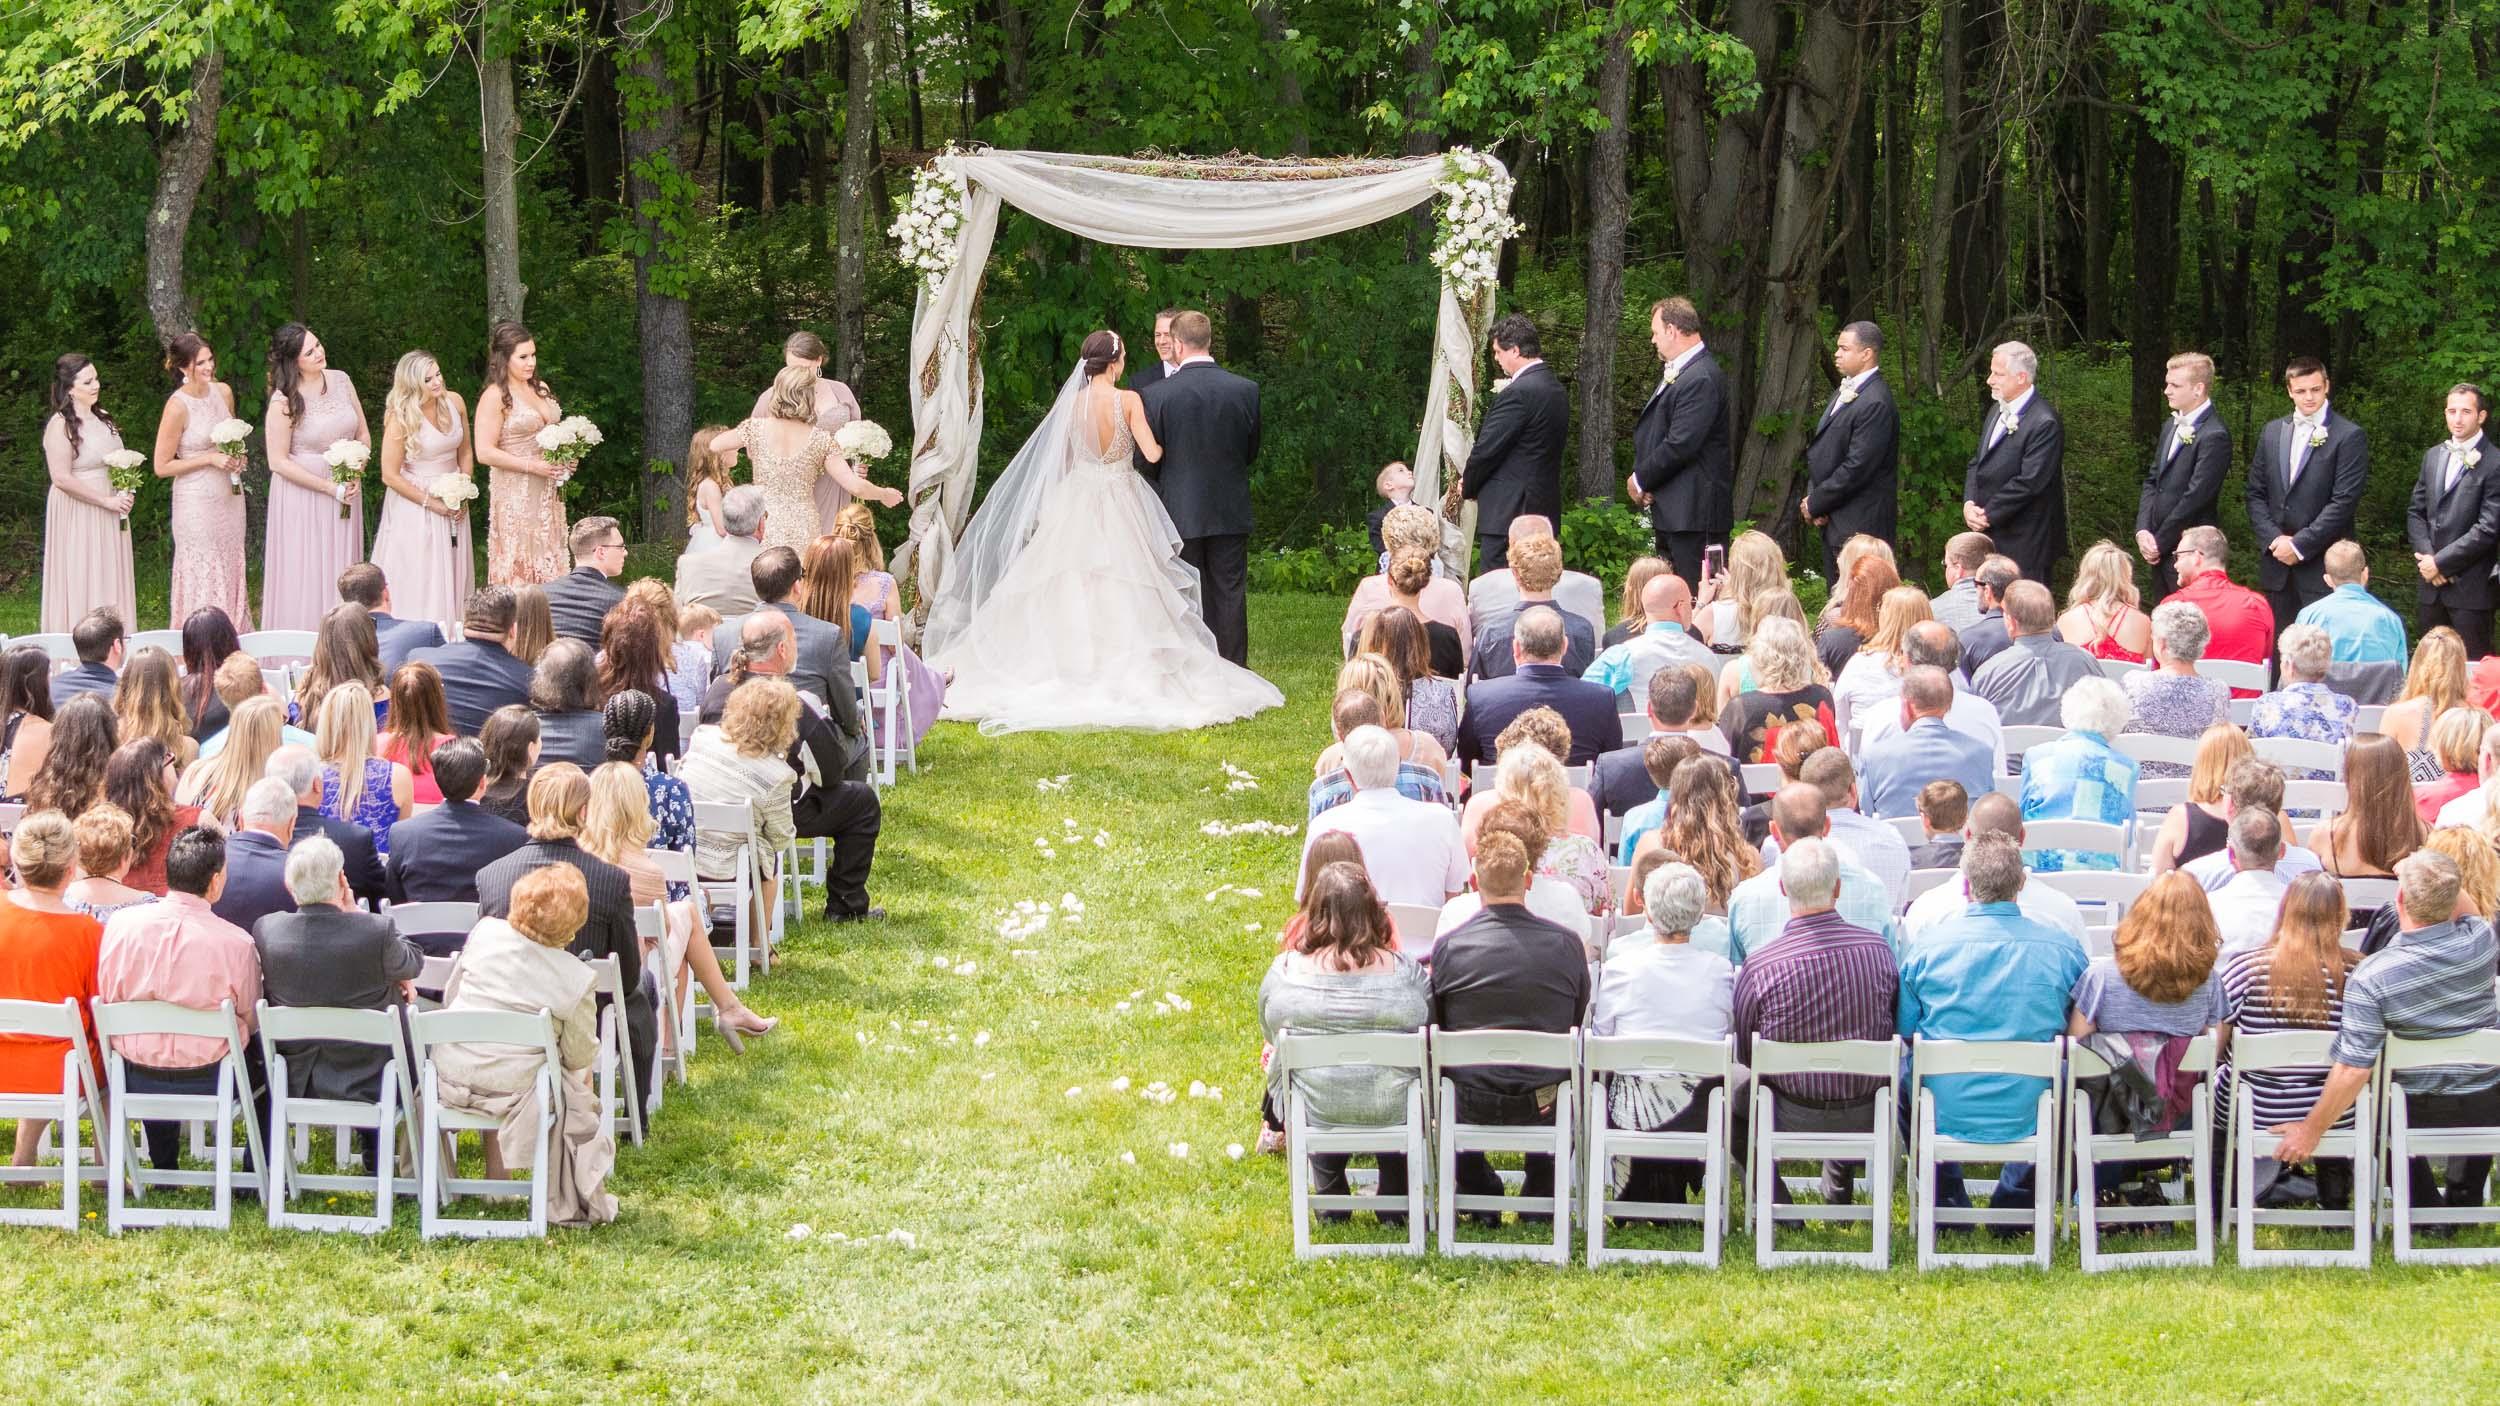 Wedding-outdoor-ceremony-6.jpg